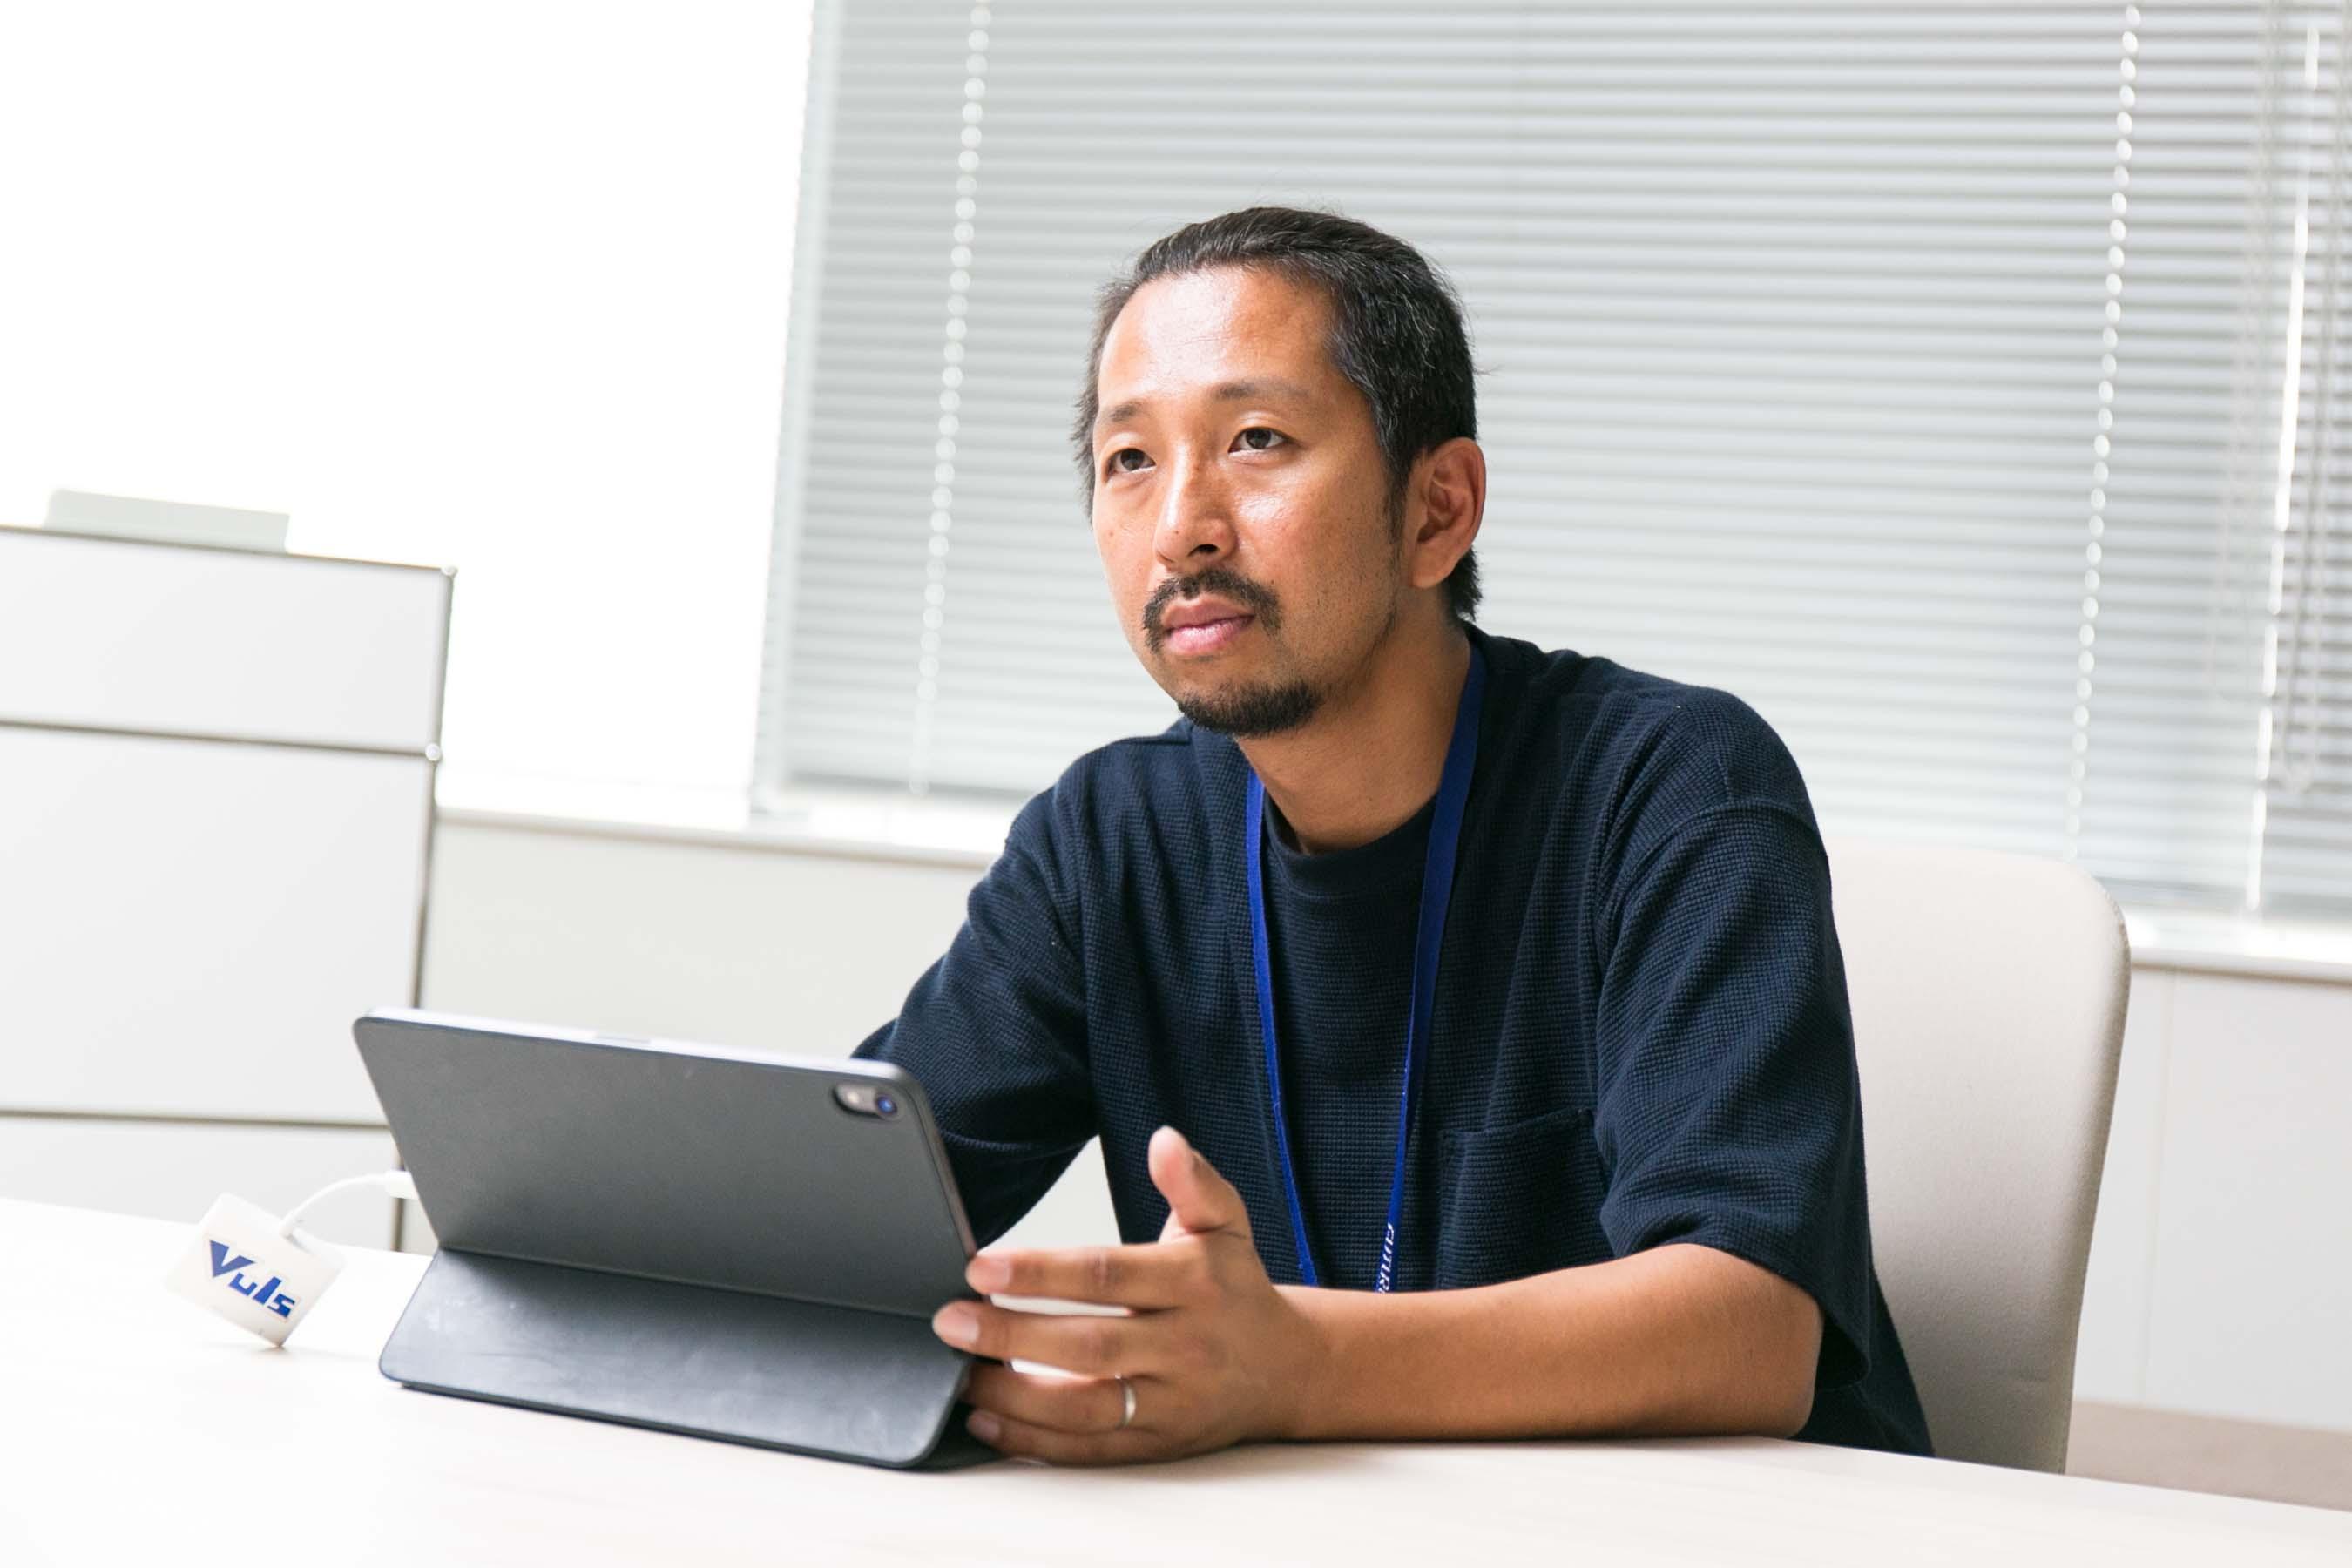 神戸康多さん紹介写真2